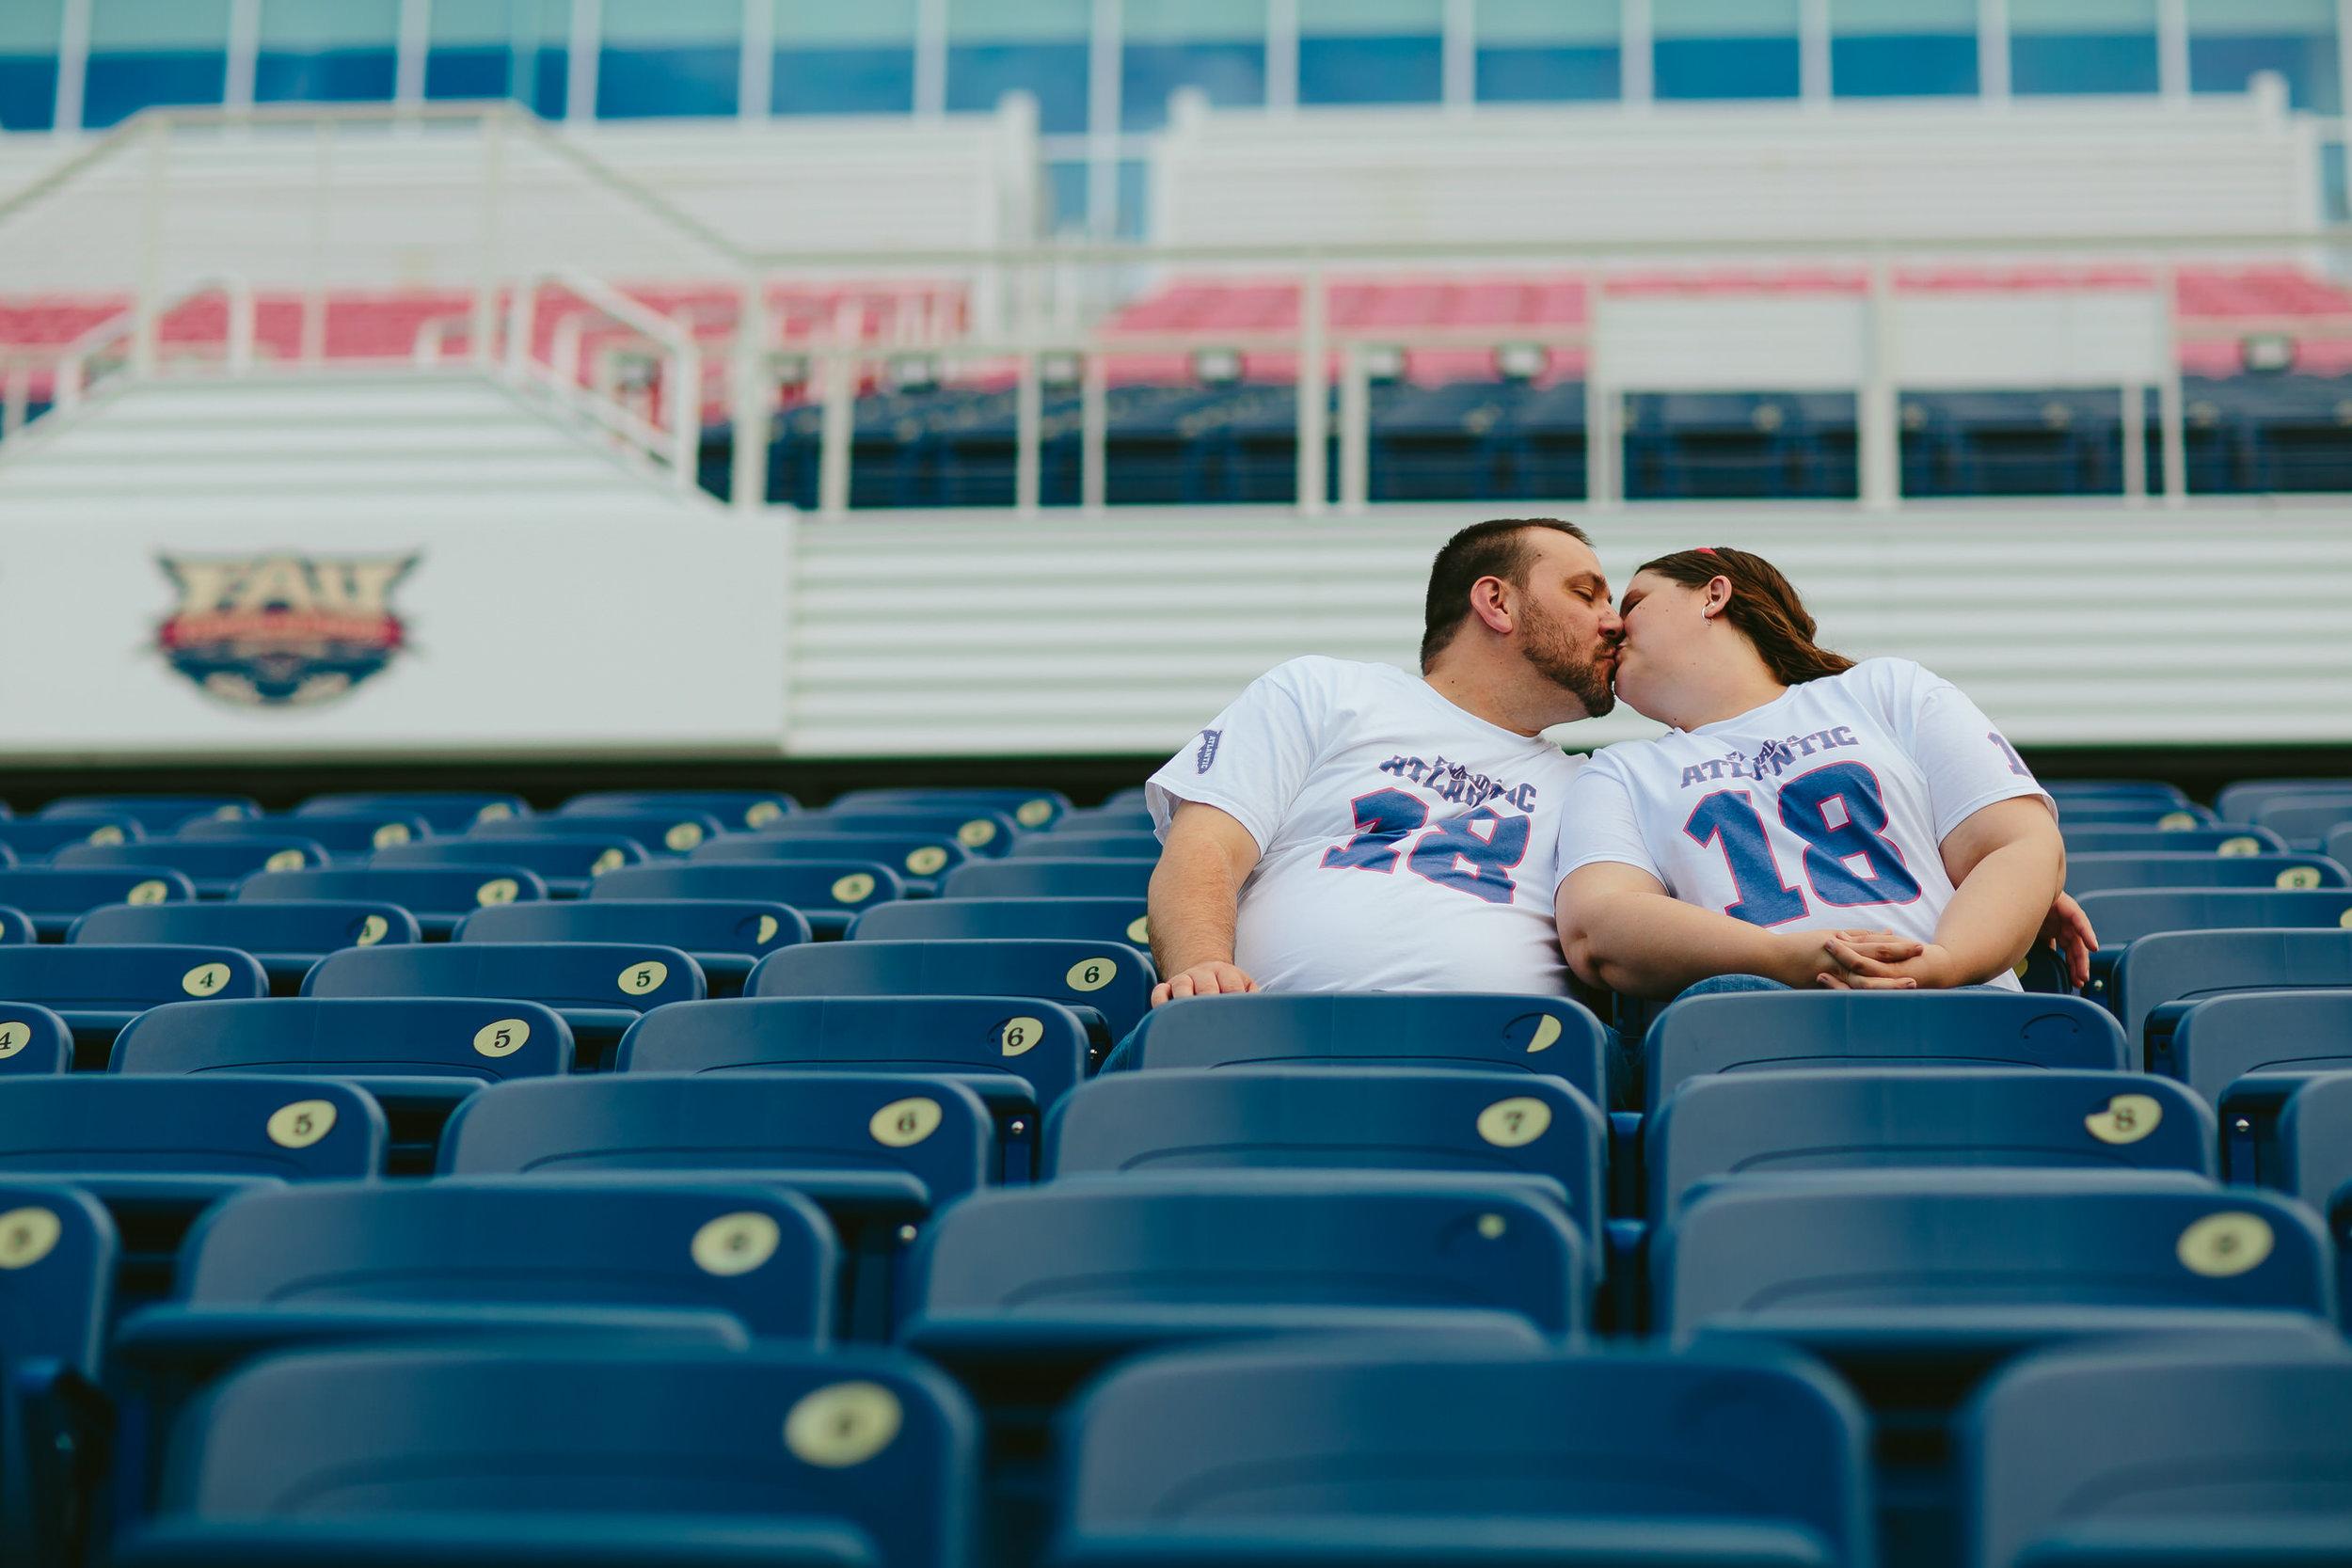 football_loving_couple_FAU_stadium.jpg